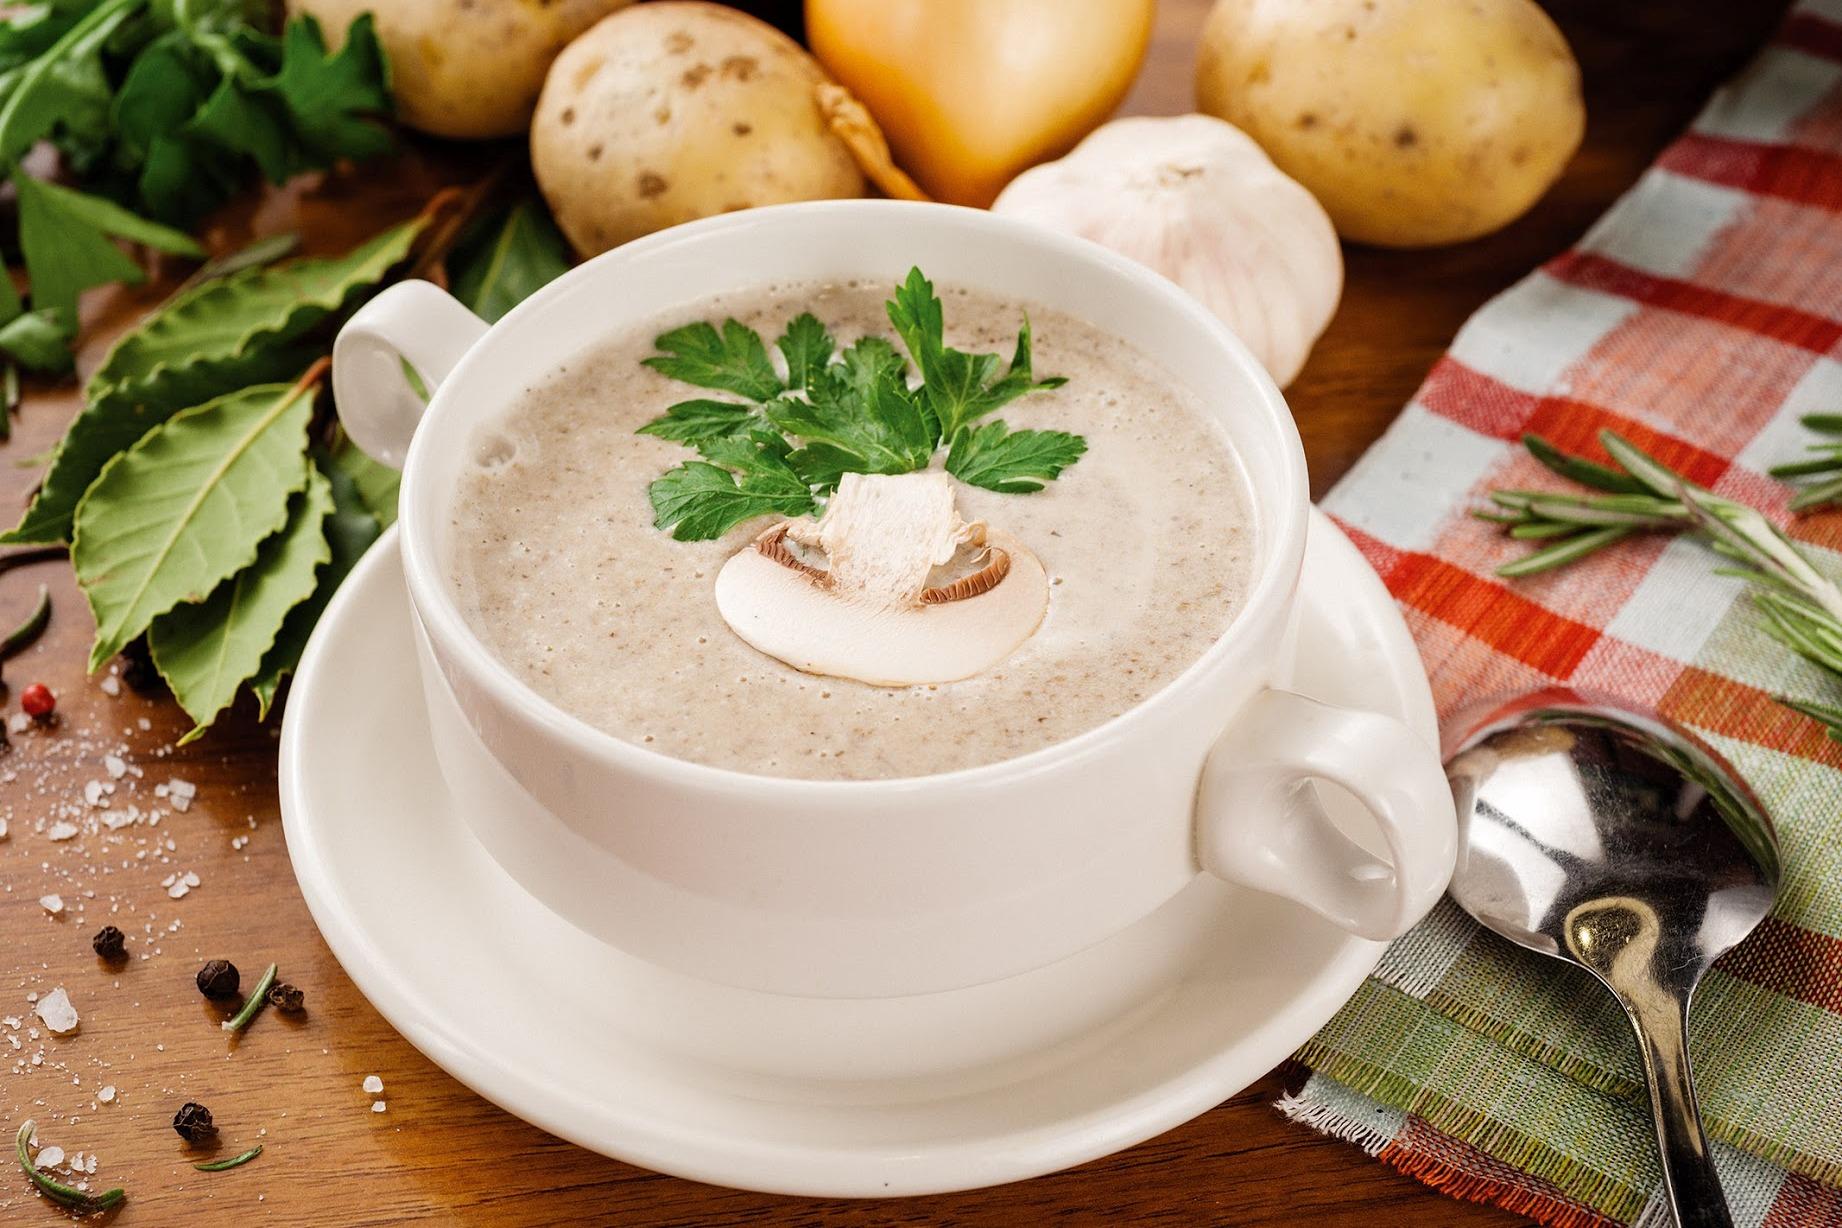 Грибной крем суп из шампиньонов в белой тарелке